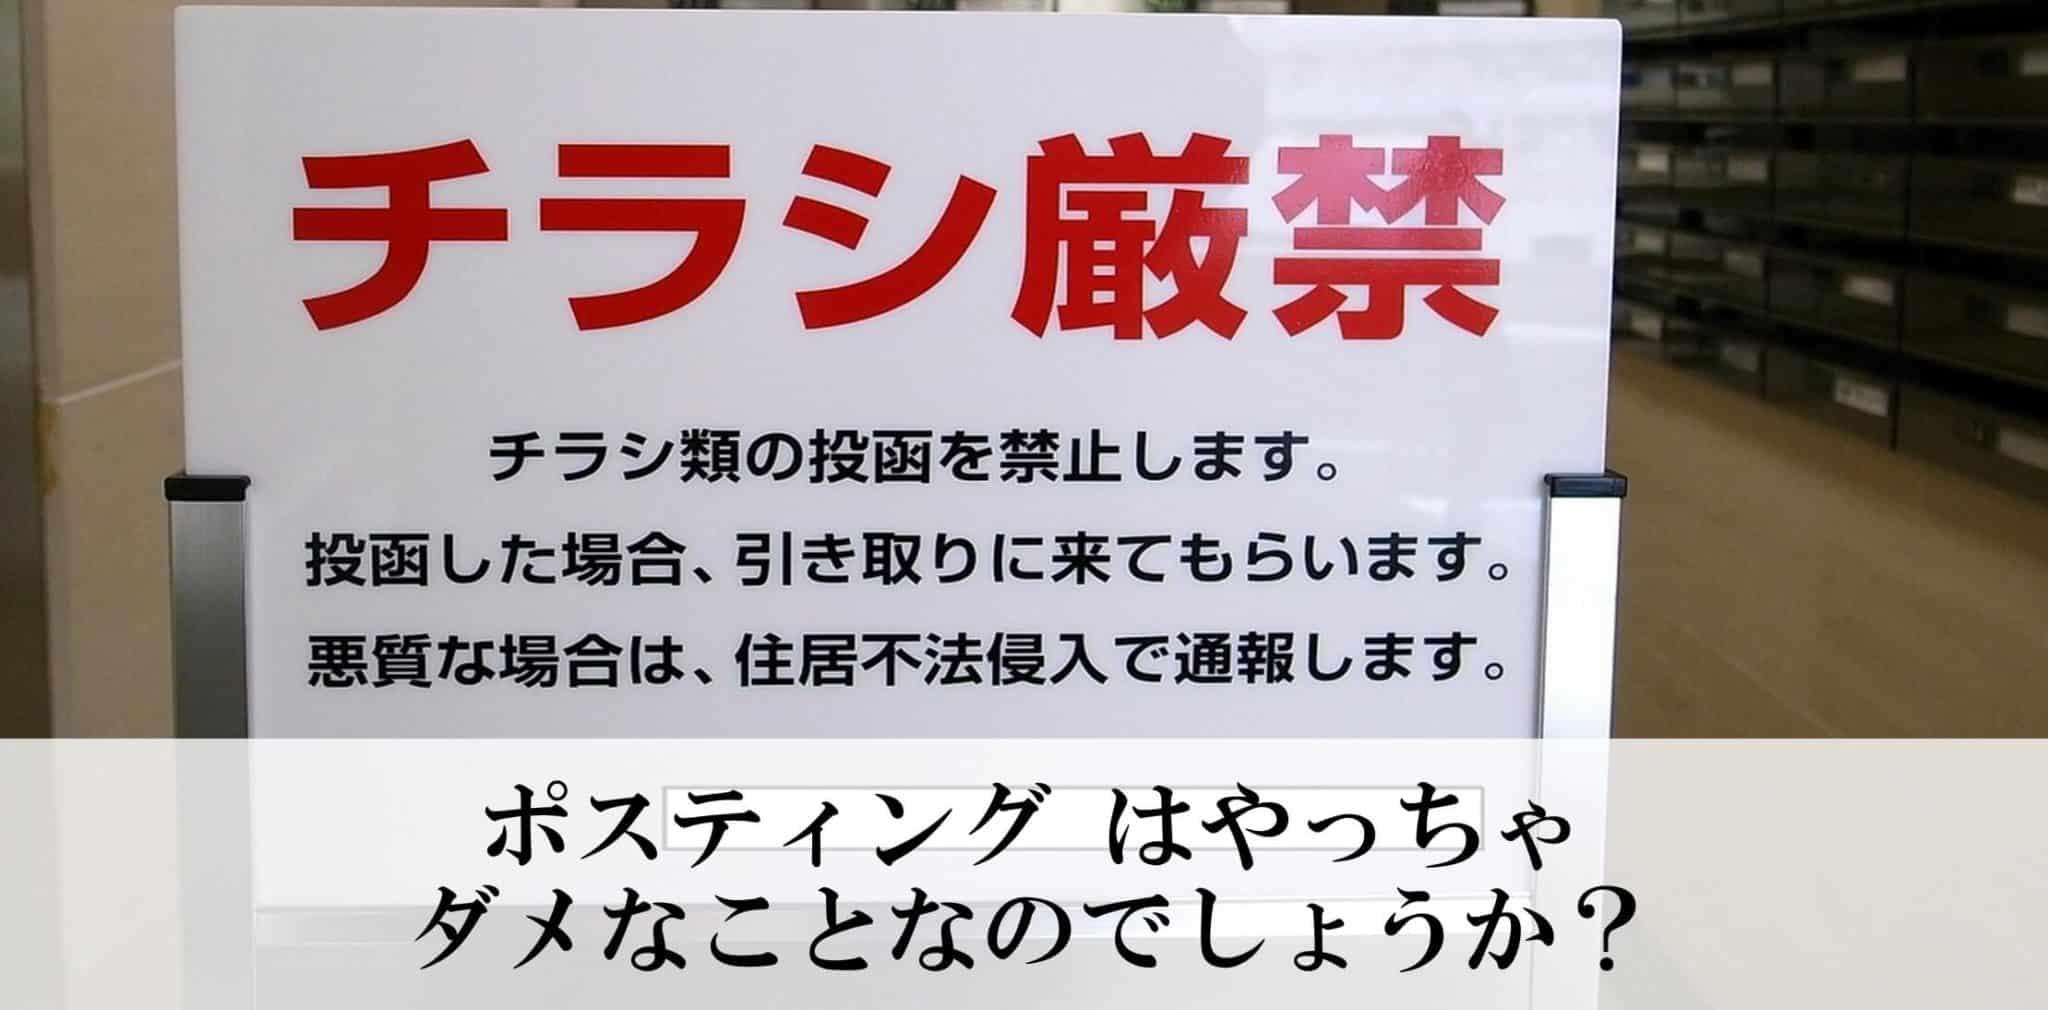 サロン 集客 チラシ ポスティング 禁止